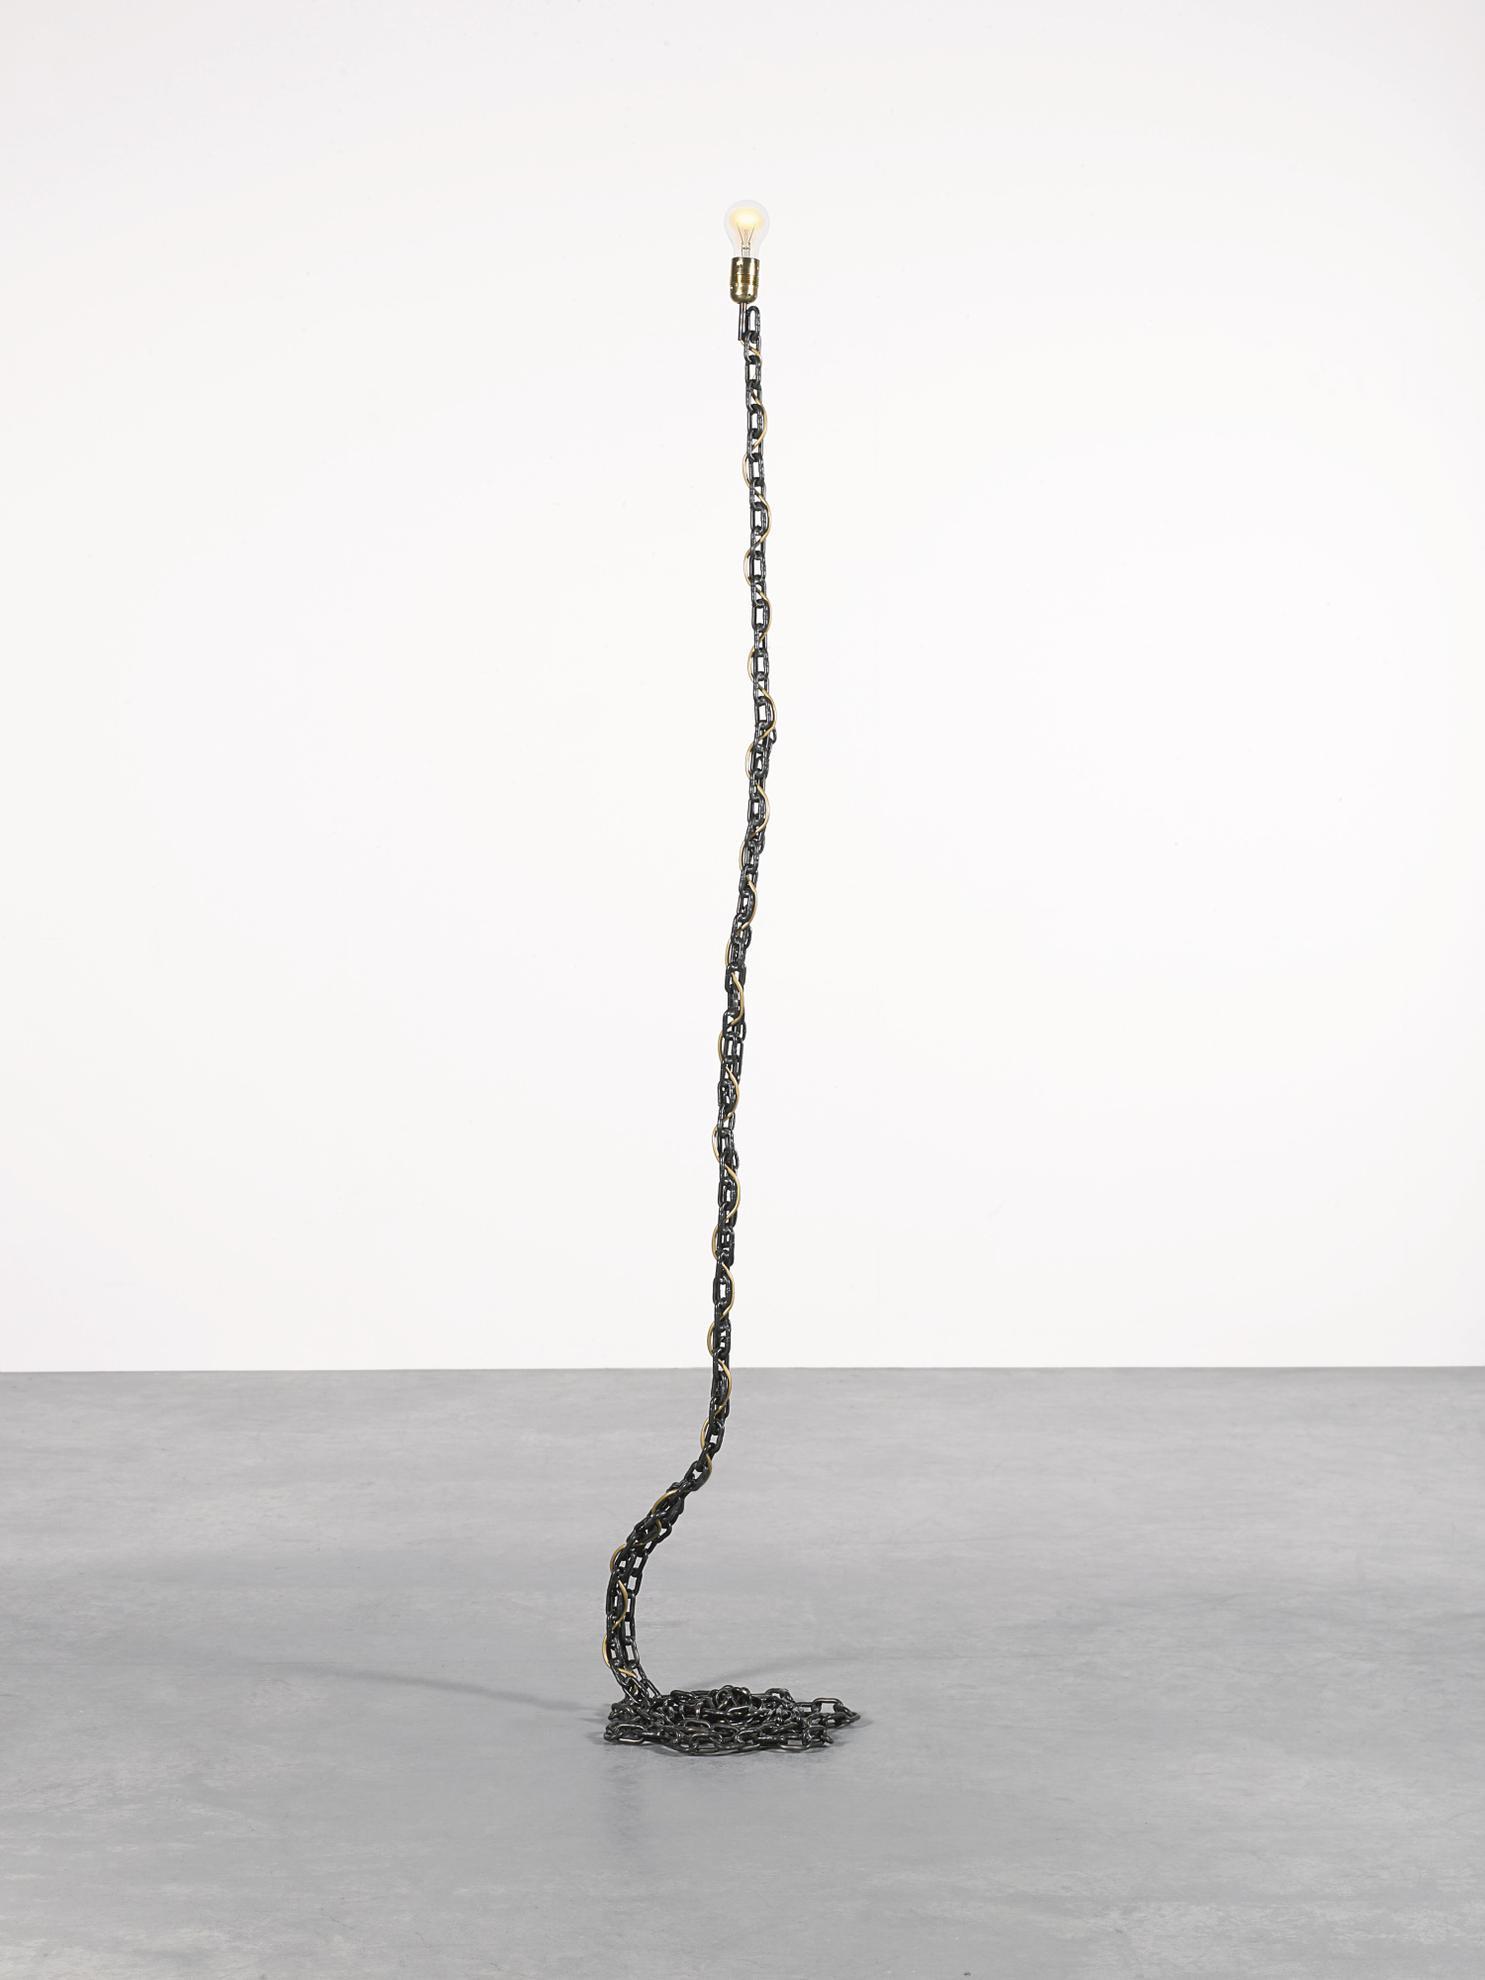 Franz West-Privat-Lampe Des Kunstlers-1989